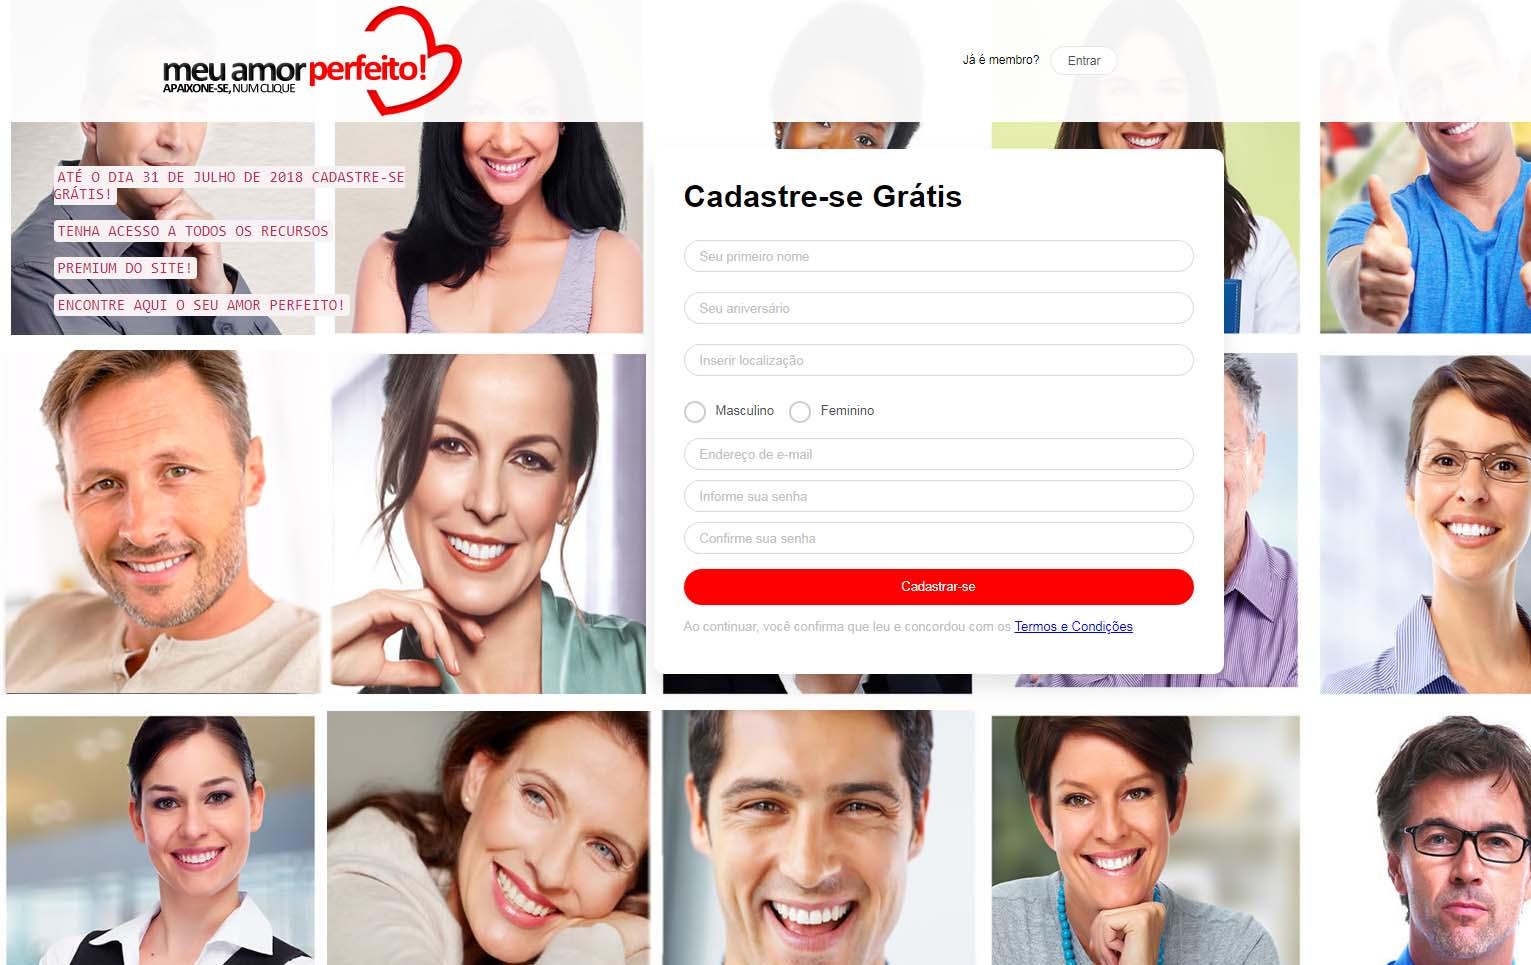 meuamorperfeito.com.br